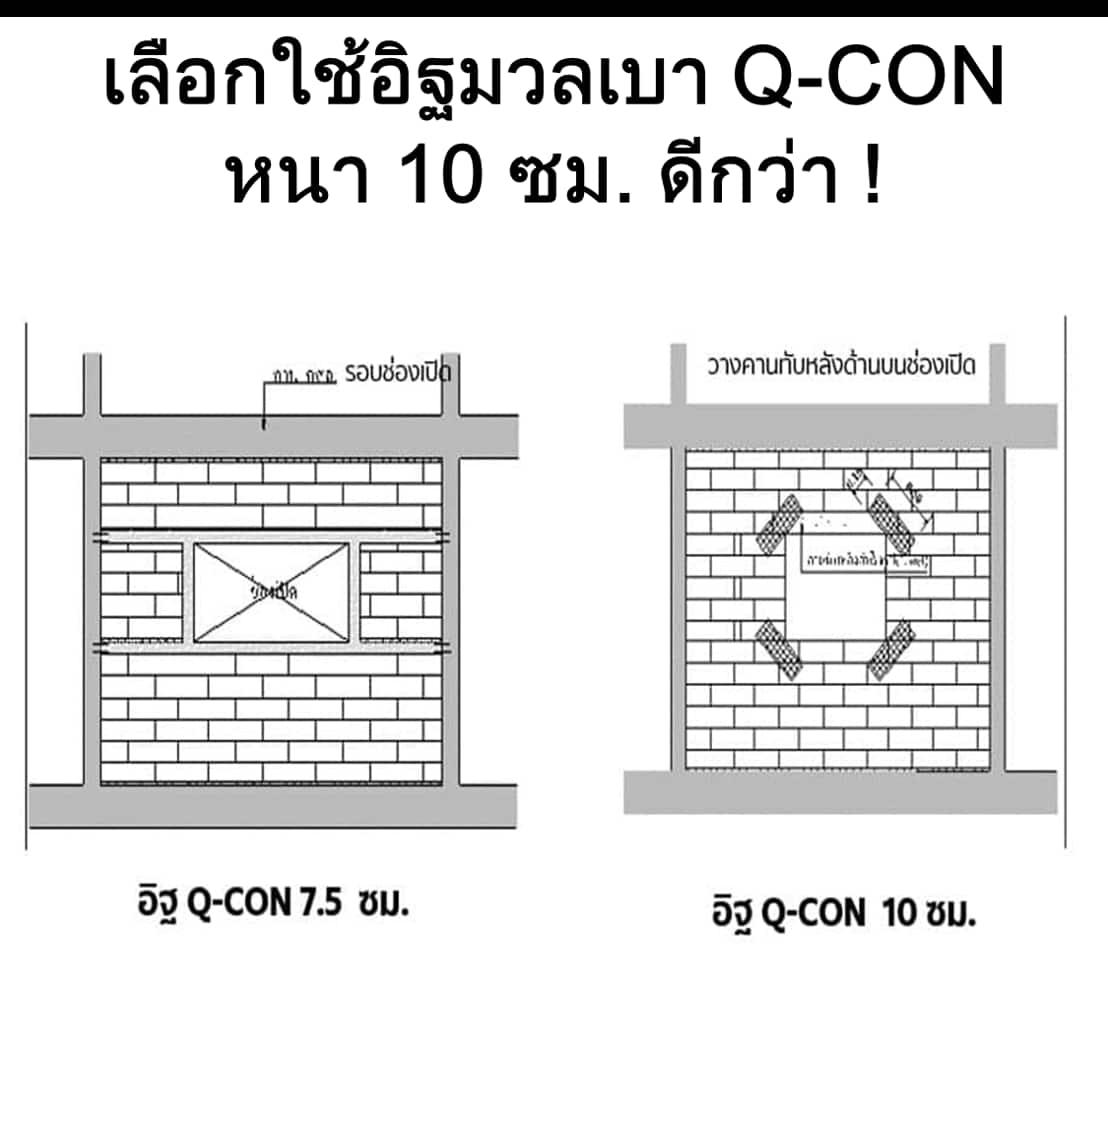 ทำไมจึงต้องใช้อิฐมวลเบา Q-CON หนา 10 ซม.